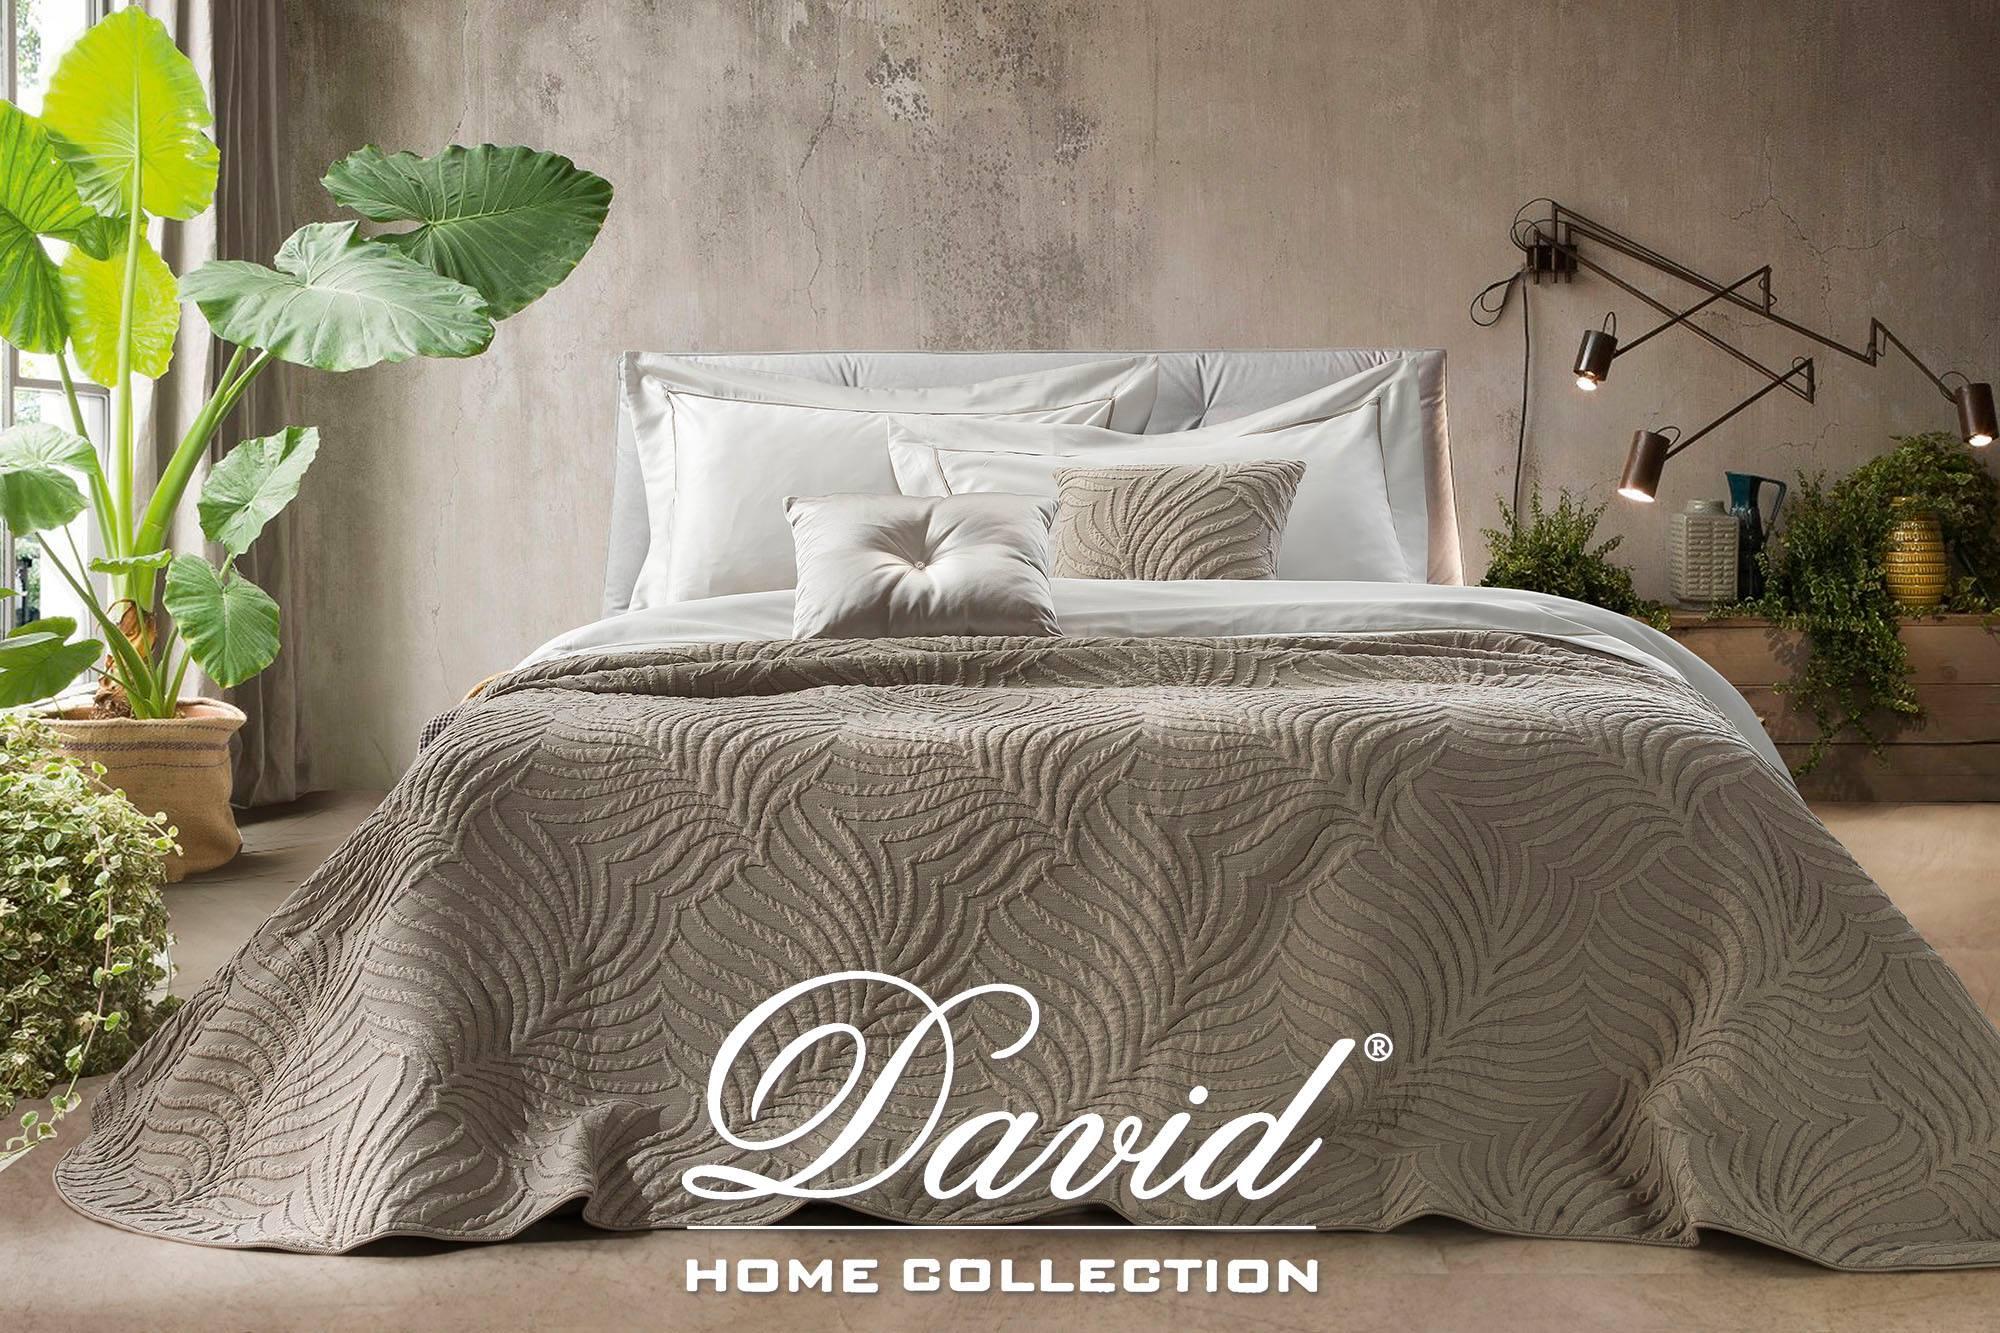 Collezione David Home Collection